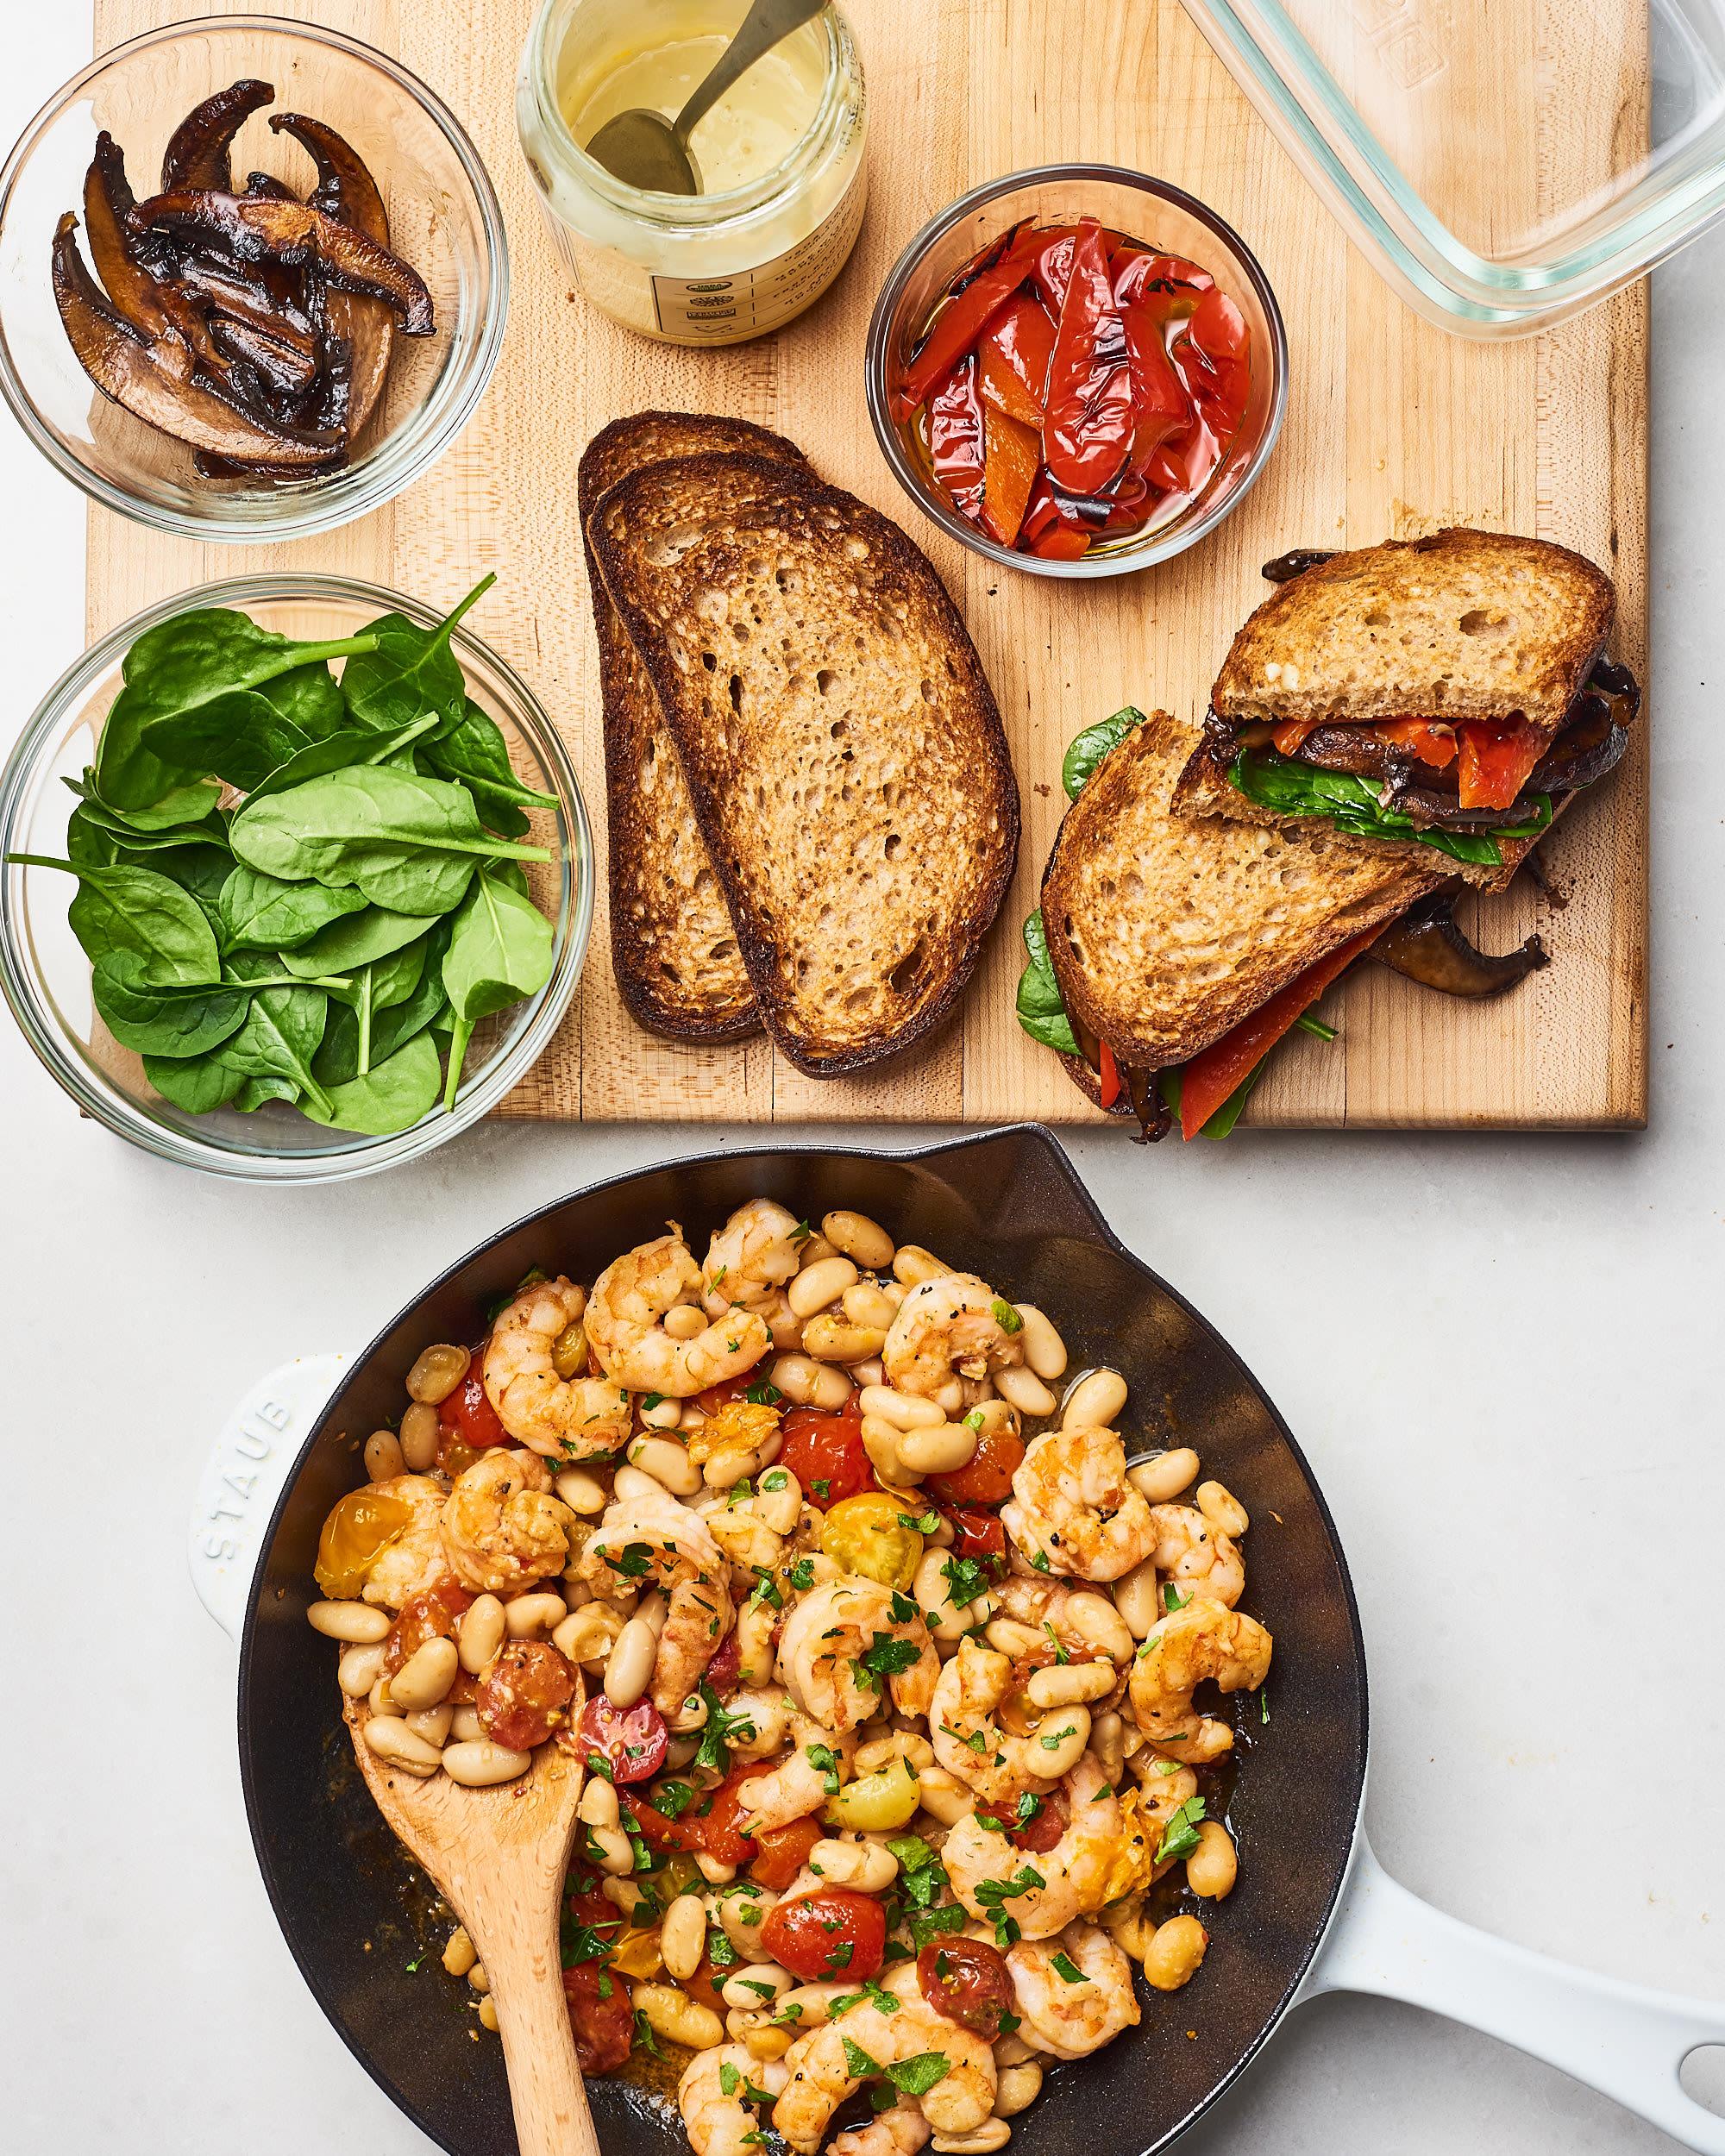 Meal Prep Plan: How I Prep a Week of Easy Mediterranean Diet Meals